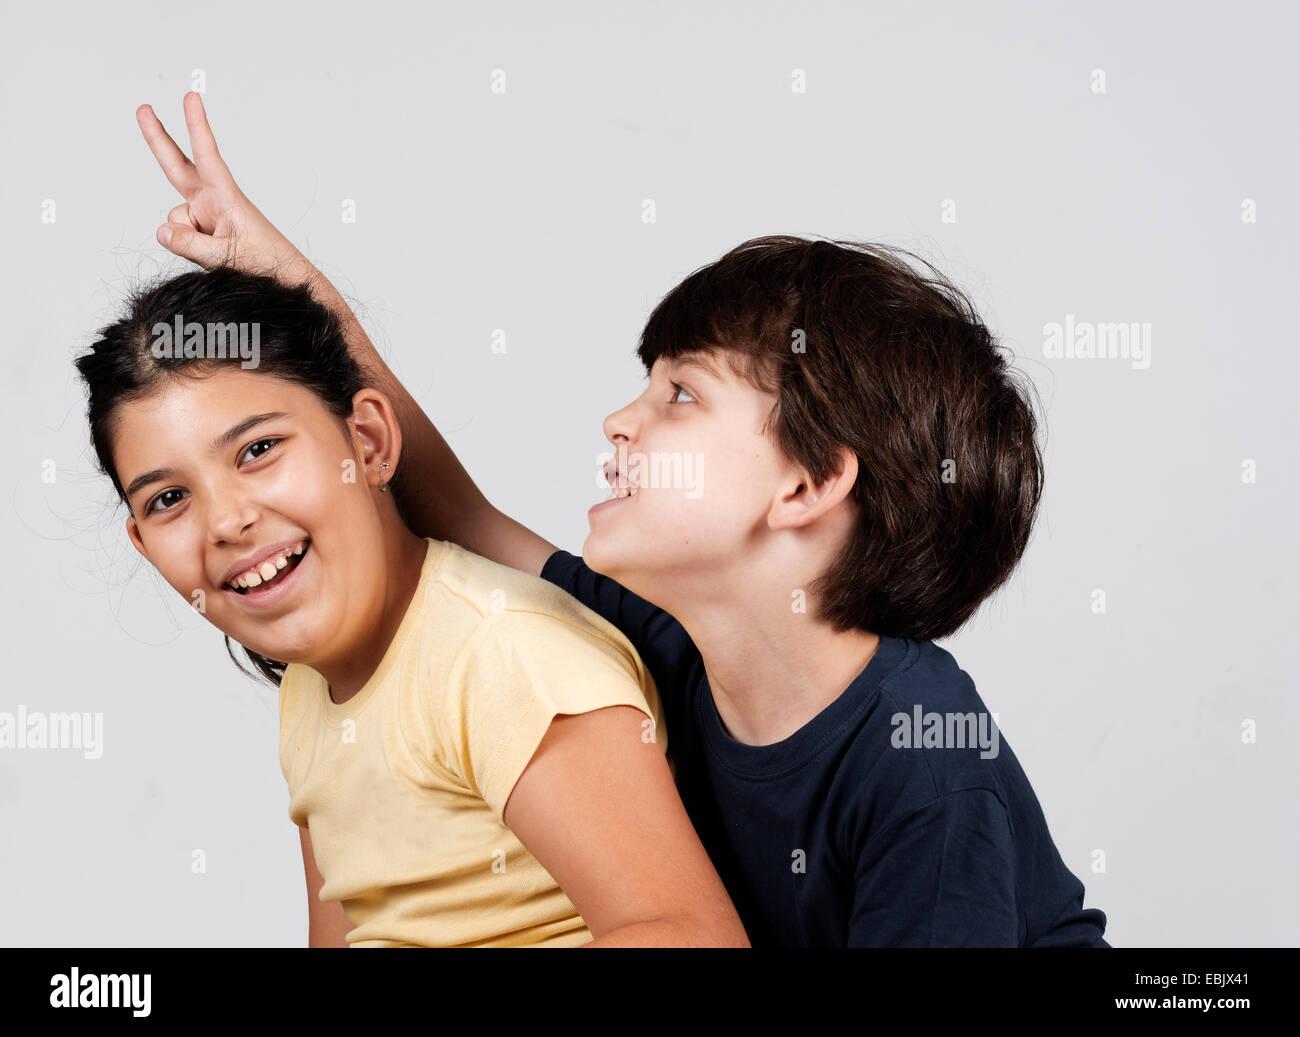 Ragazzo e ragazza giocando, ragazzo giovane azienda fino le dita come orecchie di coniglio Immagini Stock